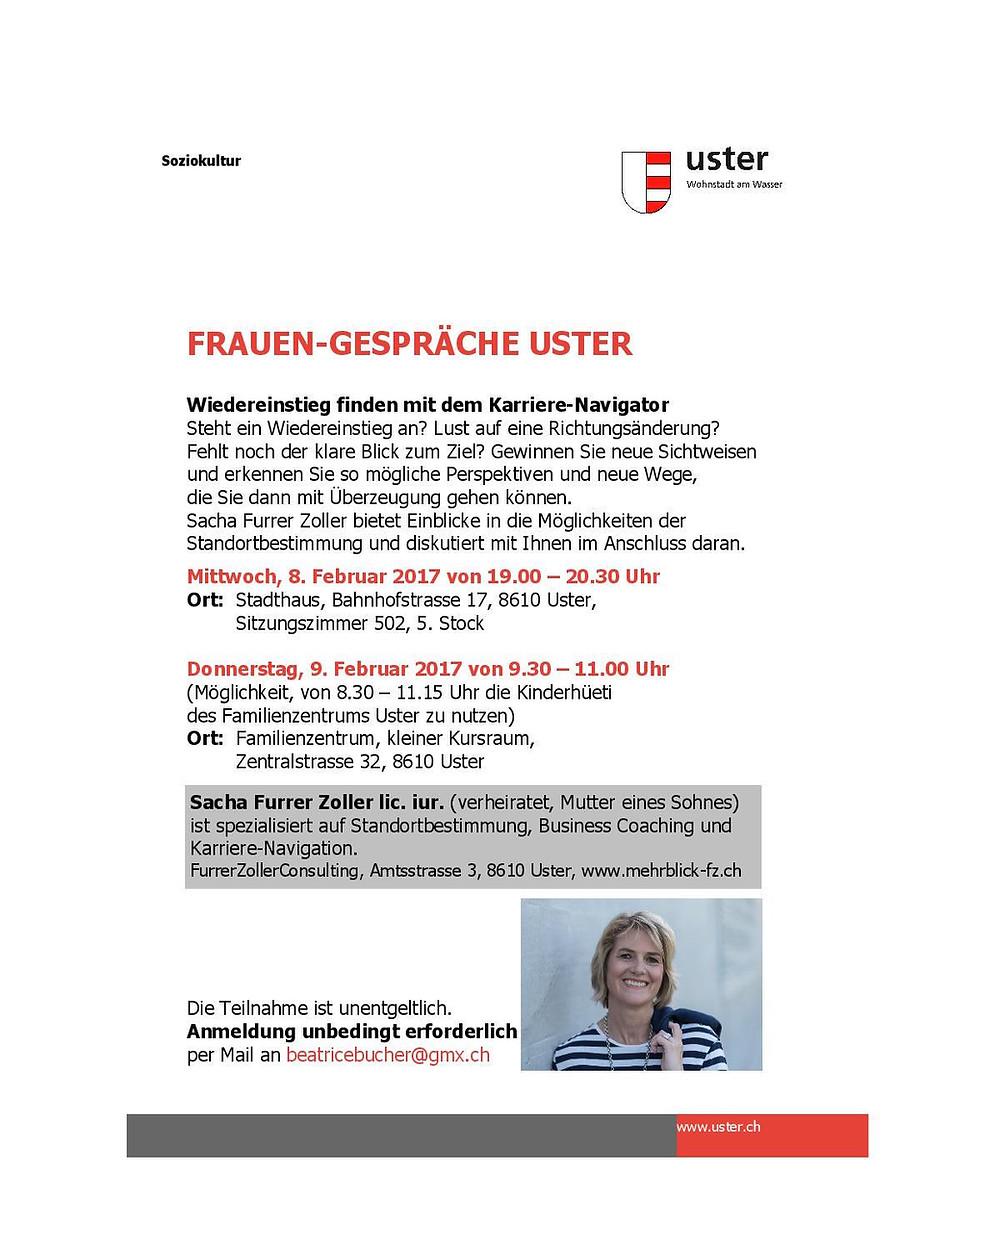 Im Februar zeigt Sacha Furrer Zoller Möglichkeiten auf für eine berufliche Standortbestimmung!  Alle interessierten Frauen sind zu den Frauen-Gesprächen Uster herzliche eingeladen!